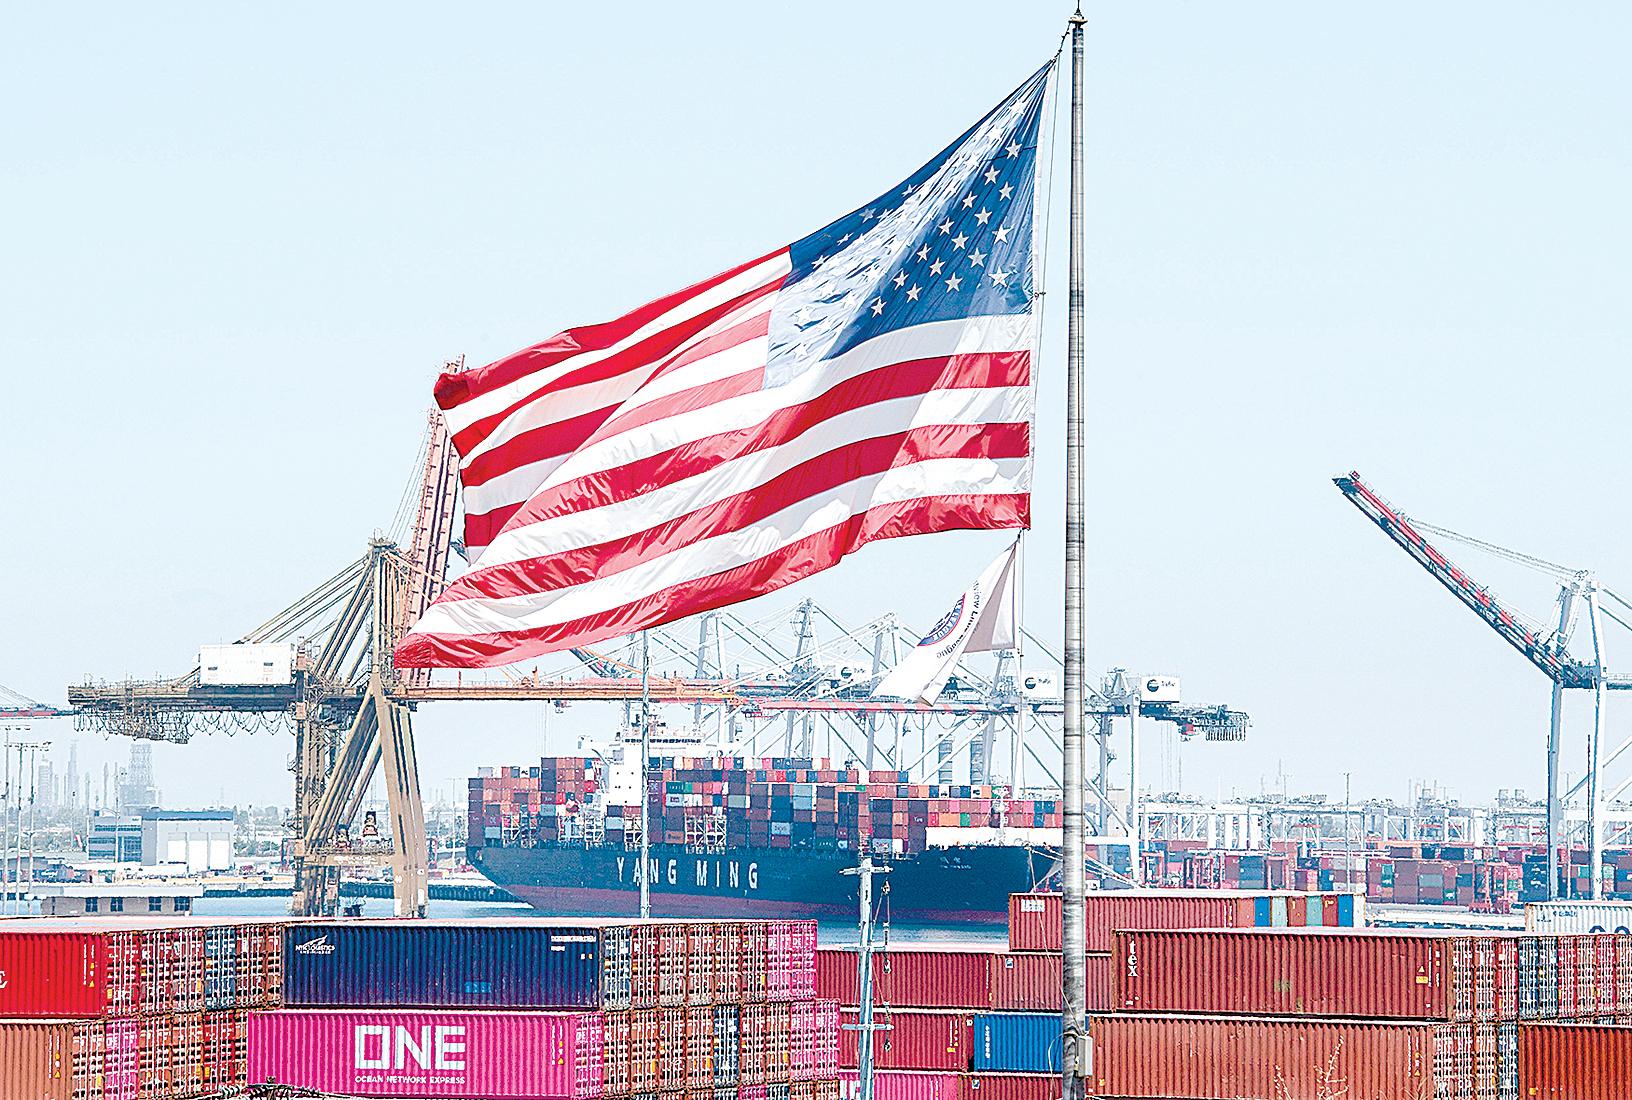 中美貿易戰和疫情嚴重衝擊了中國出口業。圖為2019年8月1日,美國加州的長灘港,一艘來自亞洲的貨船停泊在港口。(MARK RALSTON/AFP via Getty Images)